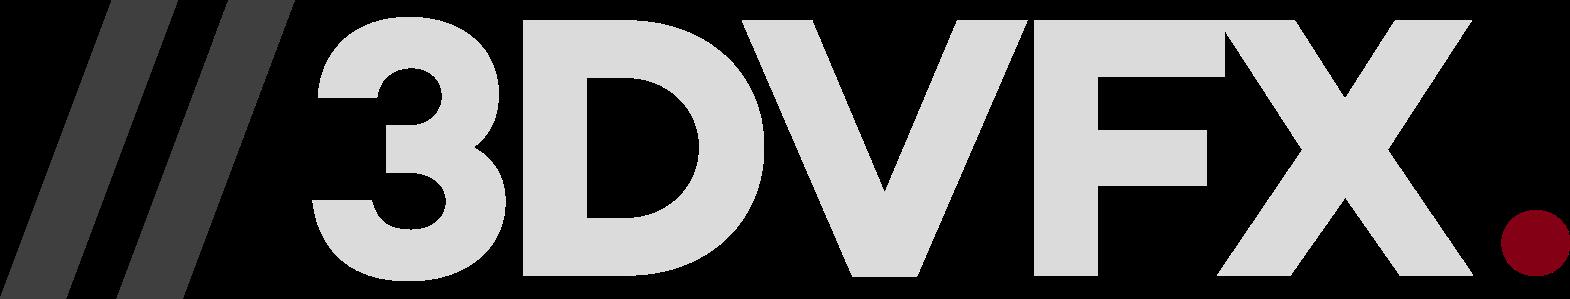 3DVFX Logo